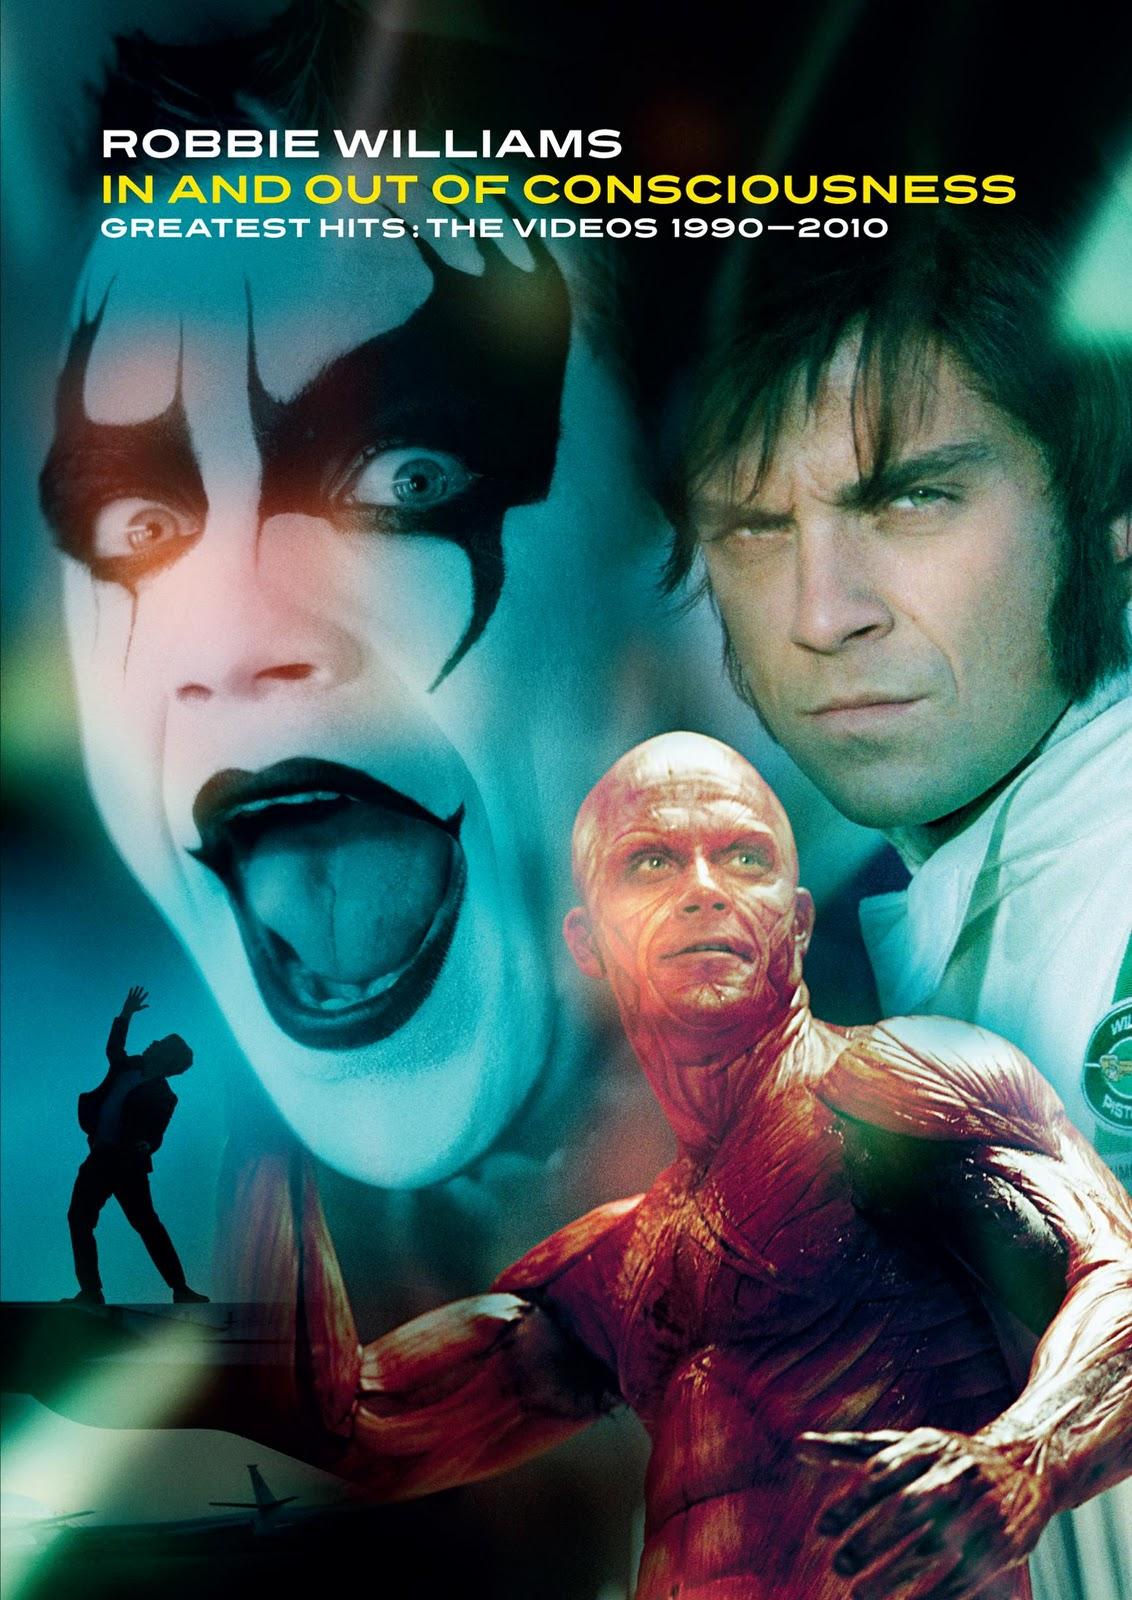 http://2.bp.blogspot.com/_2X1KGbMRfcU/TP6kVvPCW2I/AAAAAAAAAkY/j6A9CuKaBug/s1600/GH-DVD.jpg